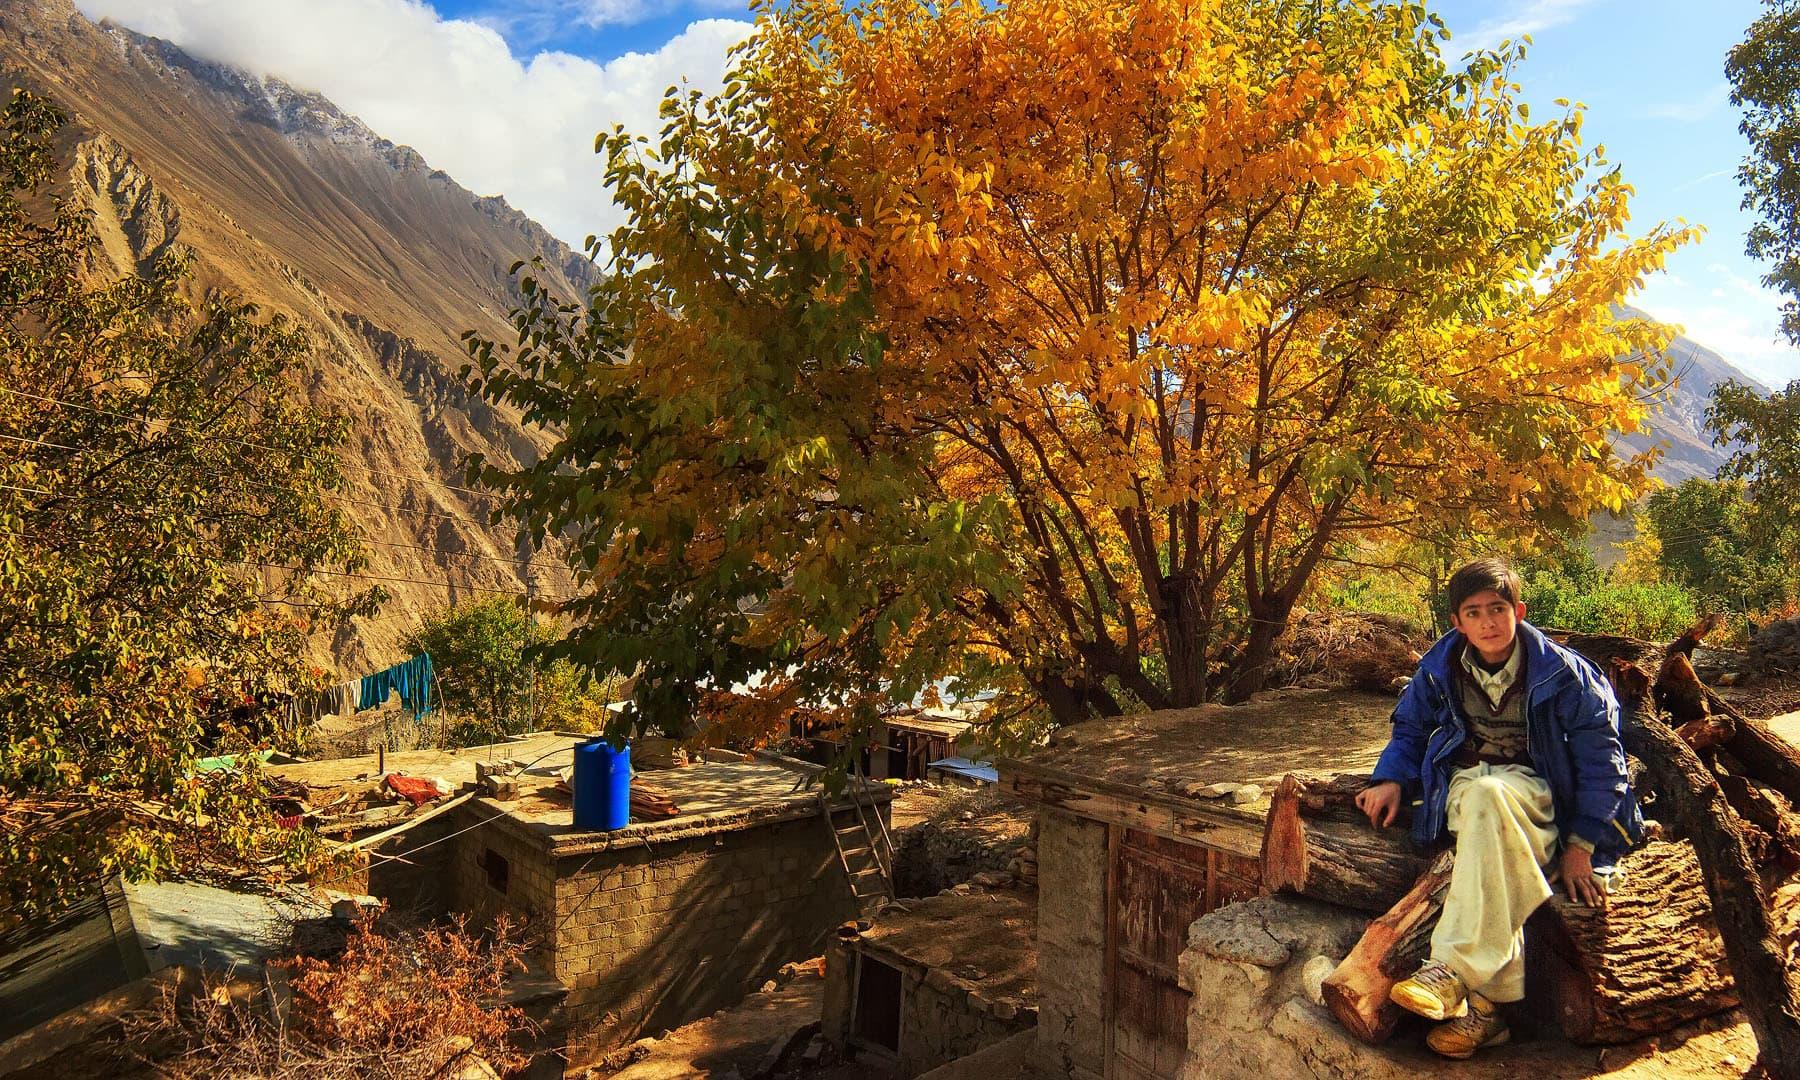 ہوپر جاتے ہوئے — فوٹو سید مہدی بخاری